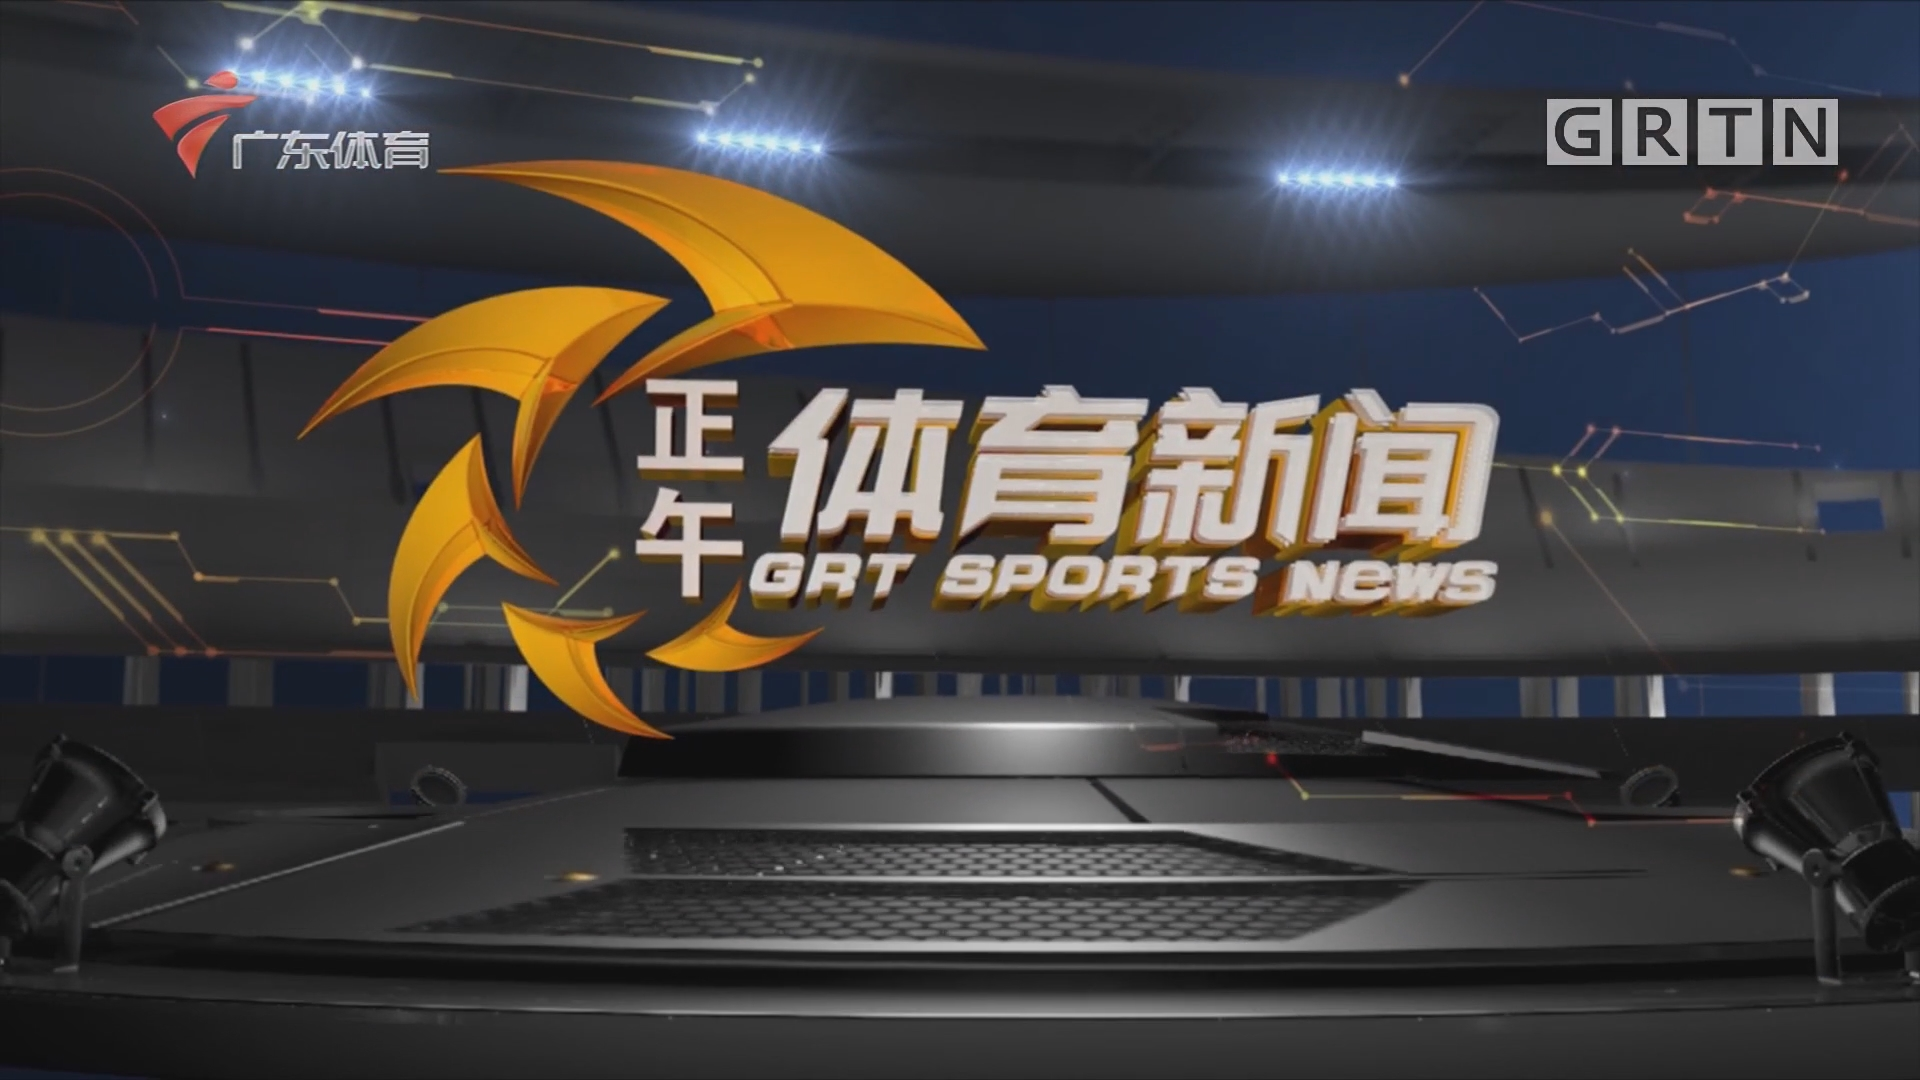 [HD][2020-04-10]正午体育新闻:国际篮联取消欧洲所有篮球赛事 奥运落选赛确定改期